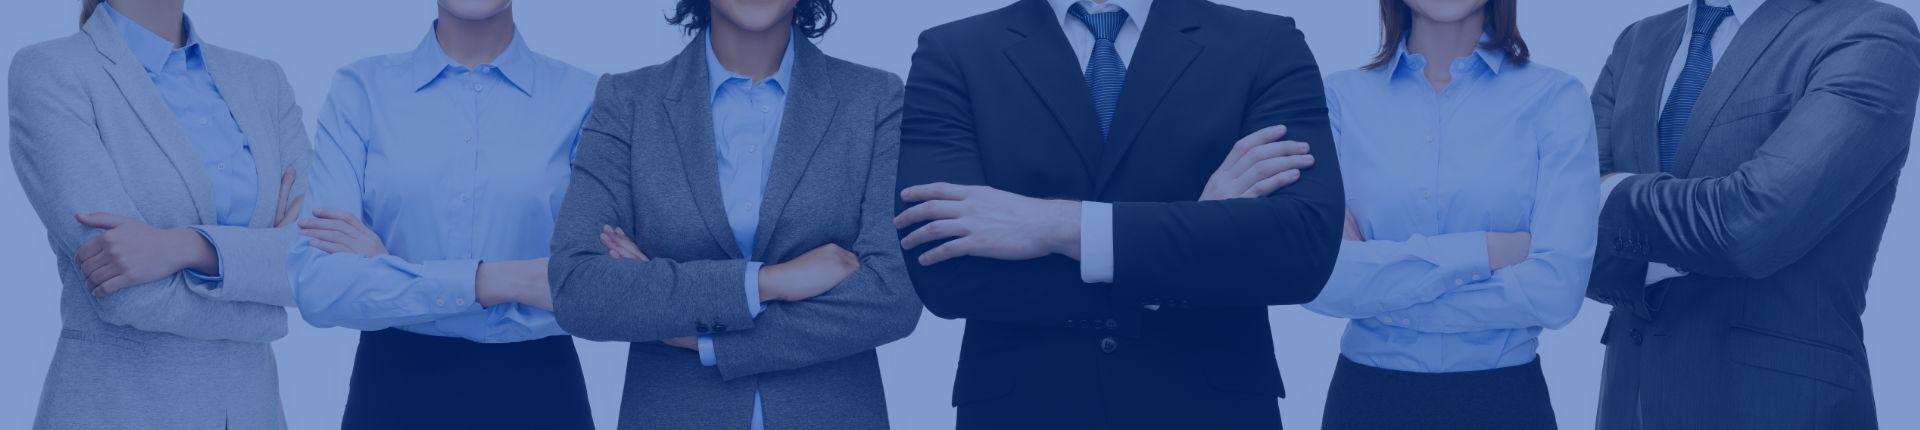 asesores financieros gijon